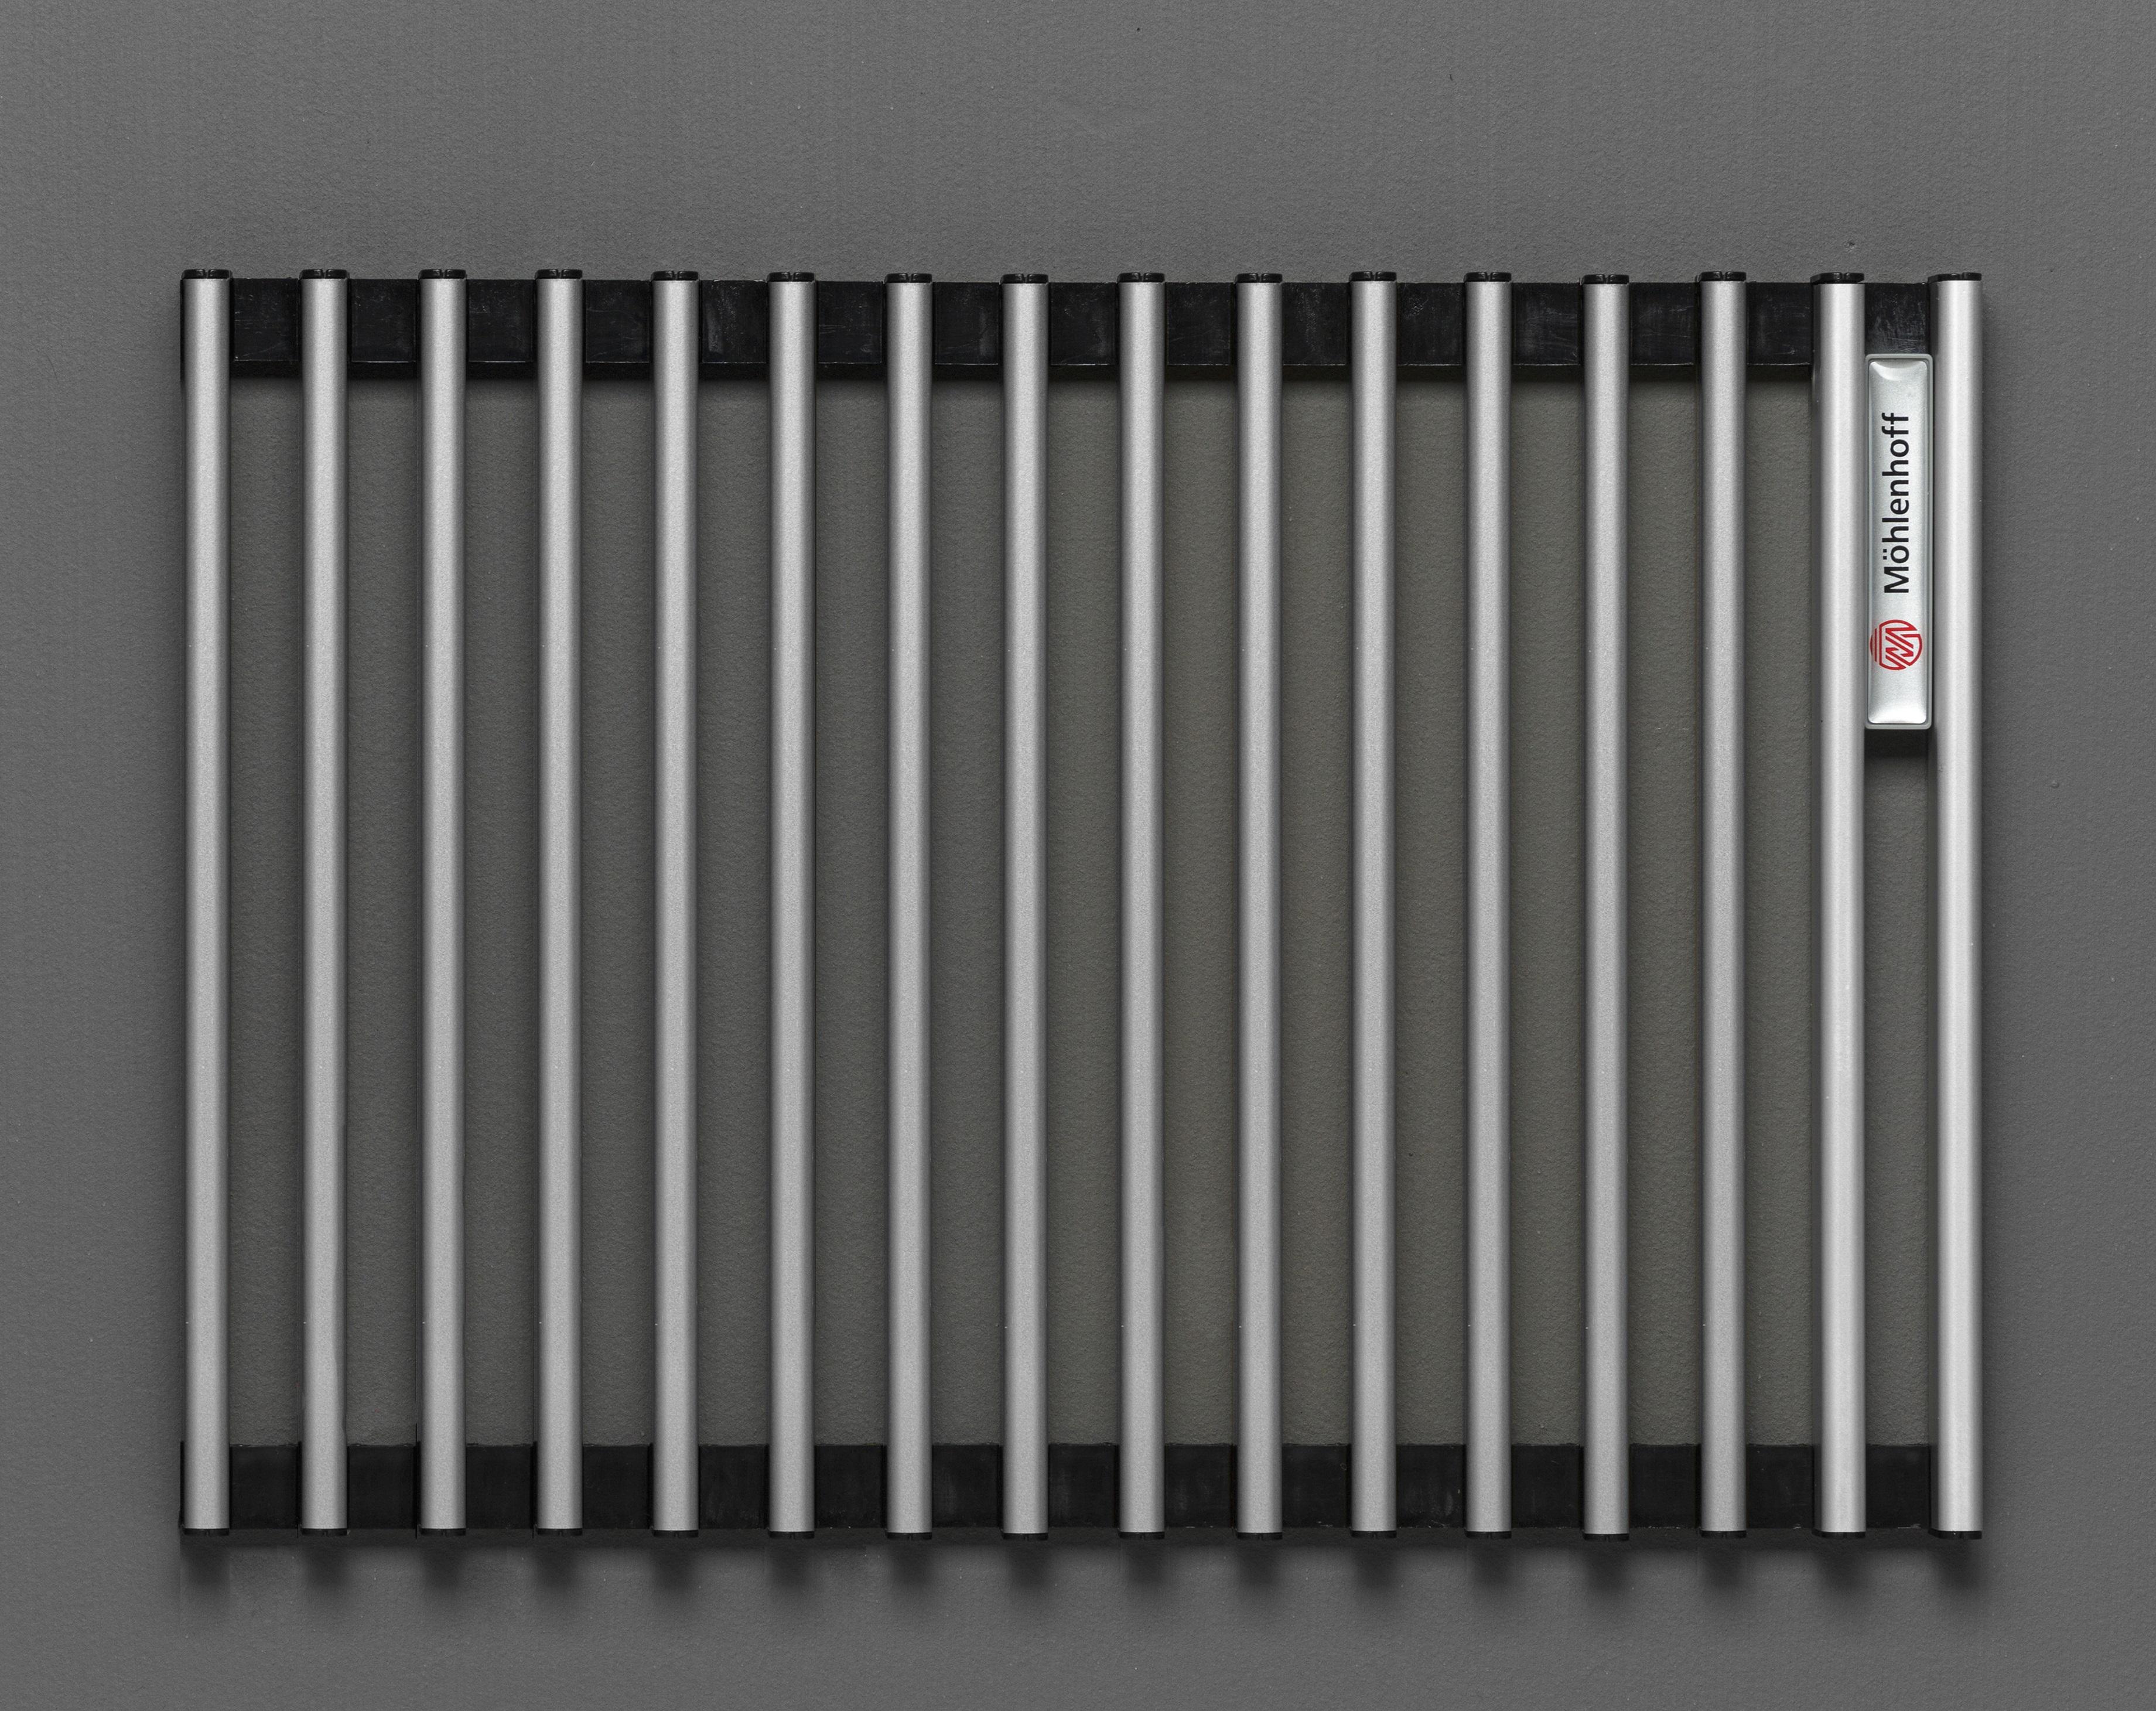 Купить Декоративная решётка Mohlenhoff натуральный алюминий, шириной 260 мм 1 пог. м, Россия